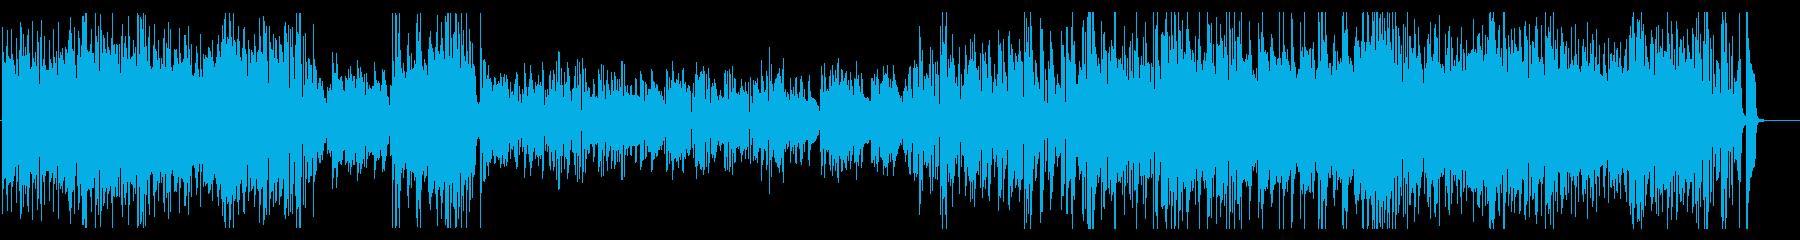 モダンなピアノトリオ シリアスな雰囲気の再生済みの波形